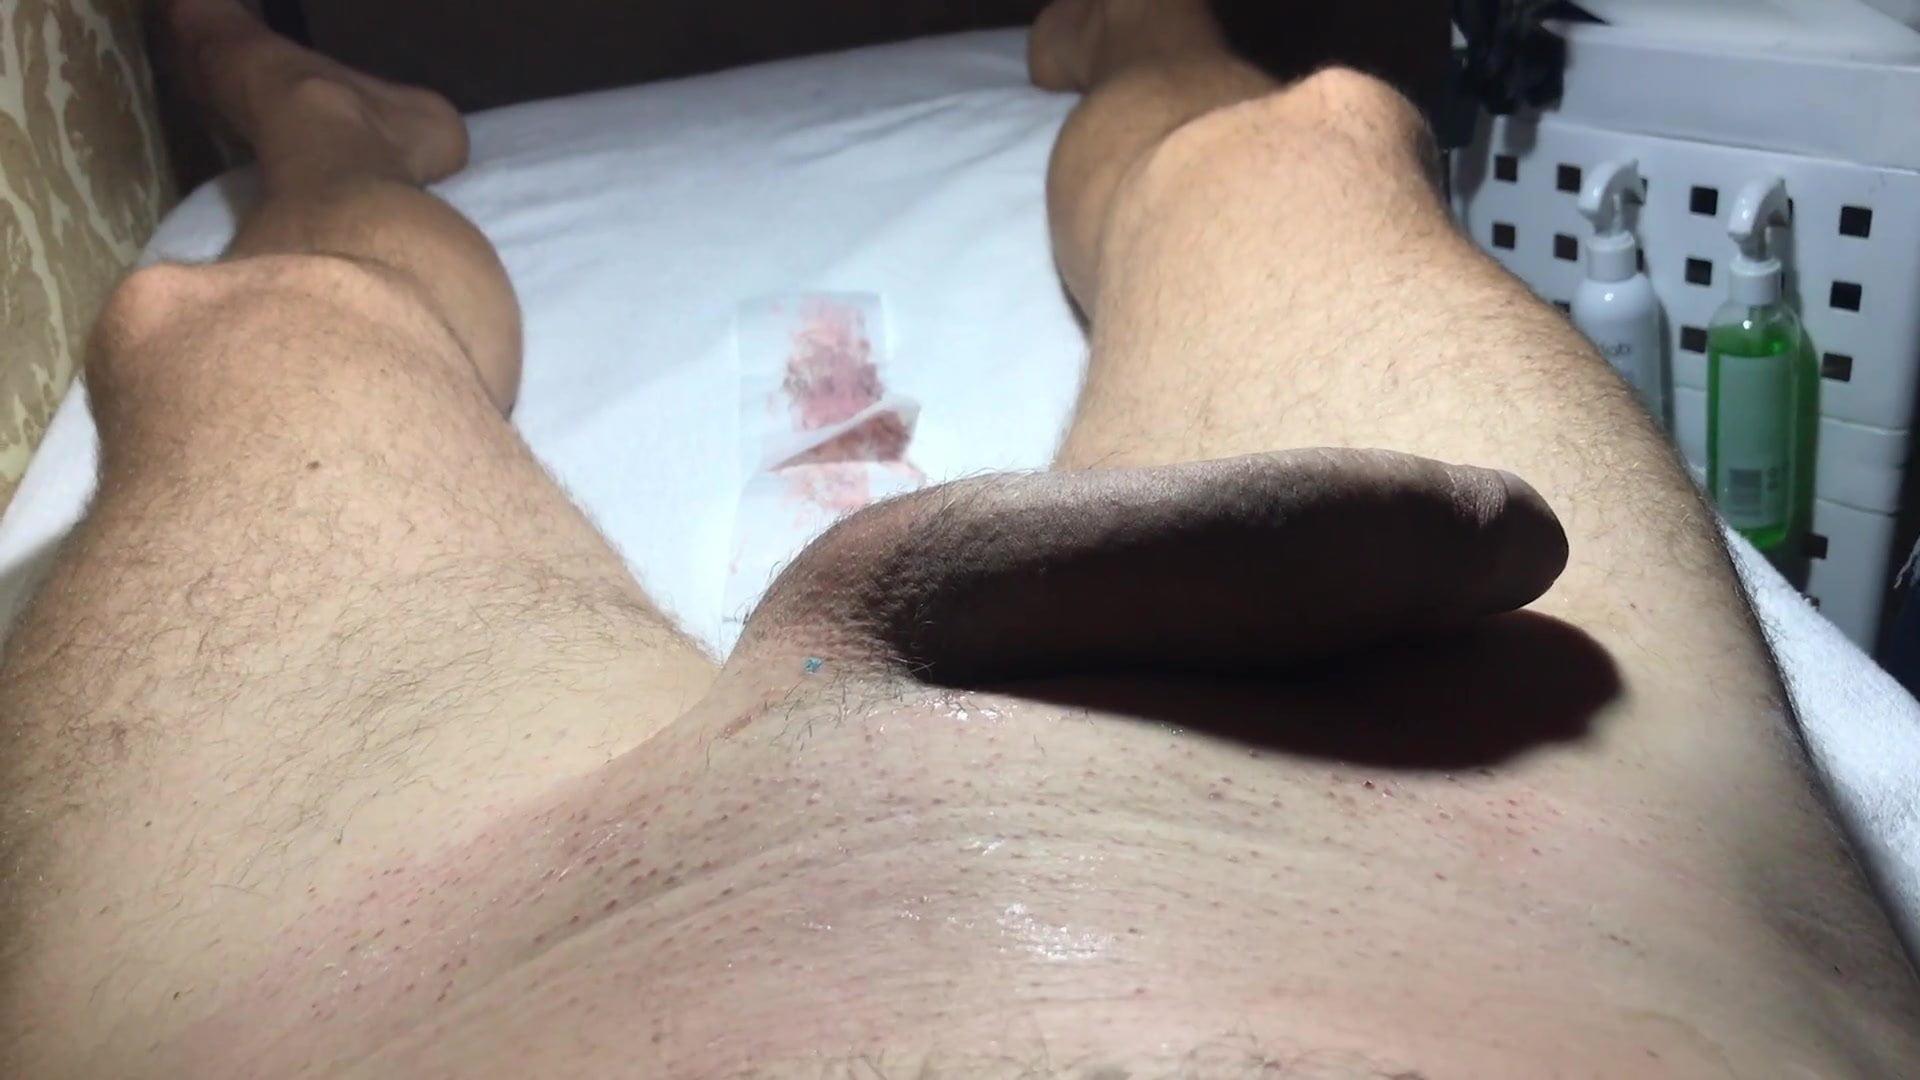 Brazilian sex waxing